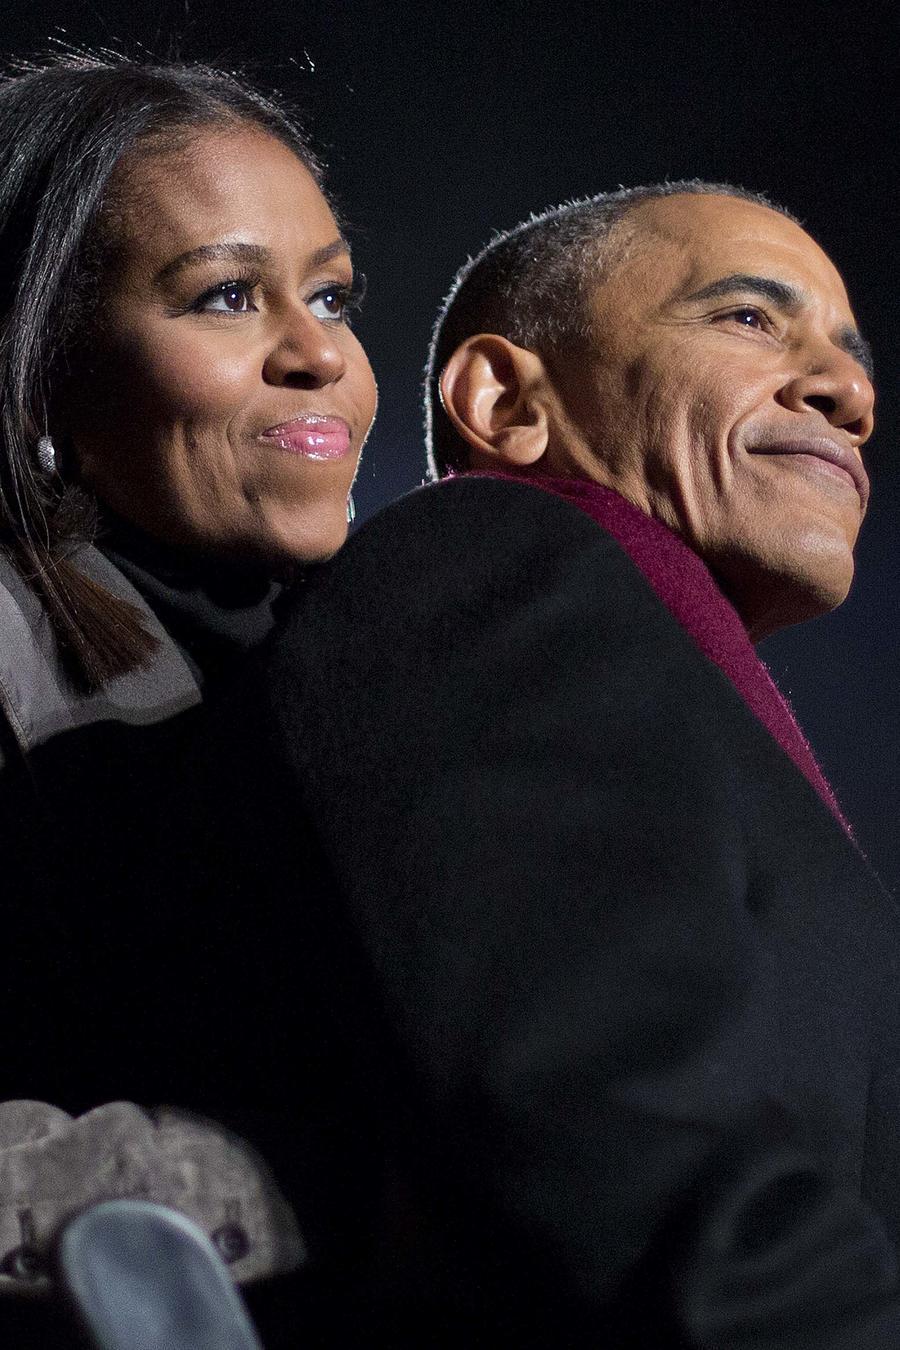 El ex presidente Barack Obama y Michelle Obama en una foto de archivo tomada en Washington D.C. durante la iluminación del árbol de Navidad en el año 2016